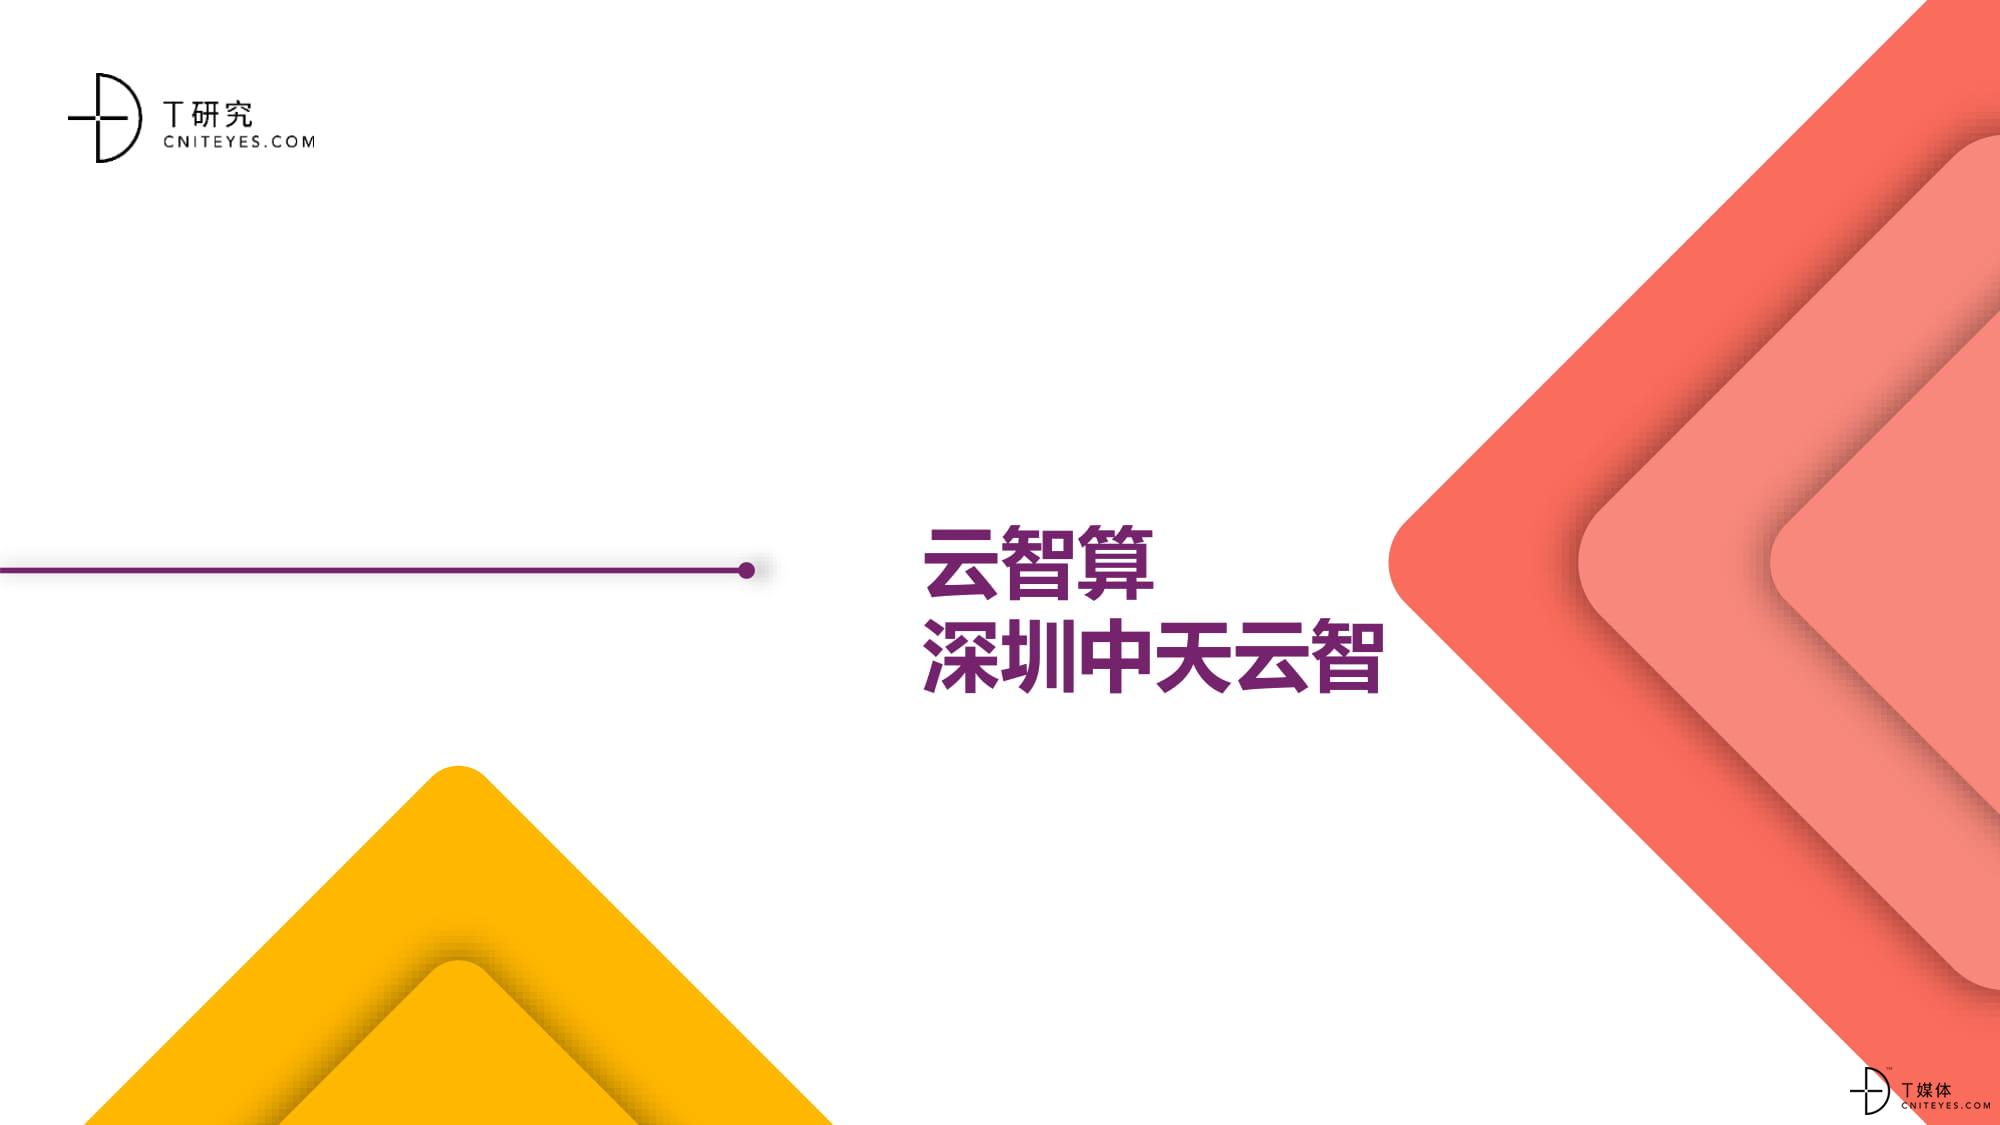 2020中国BI指数测评报告-32.jpg